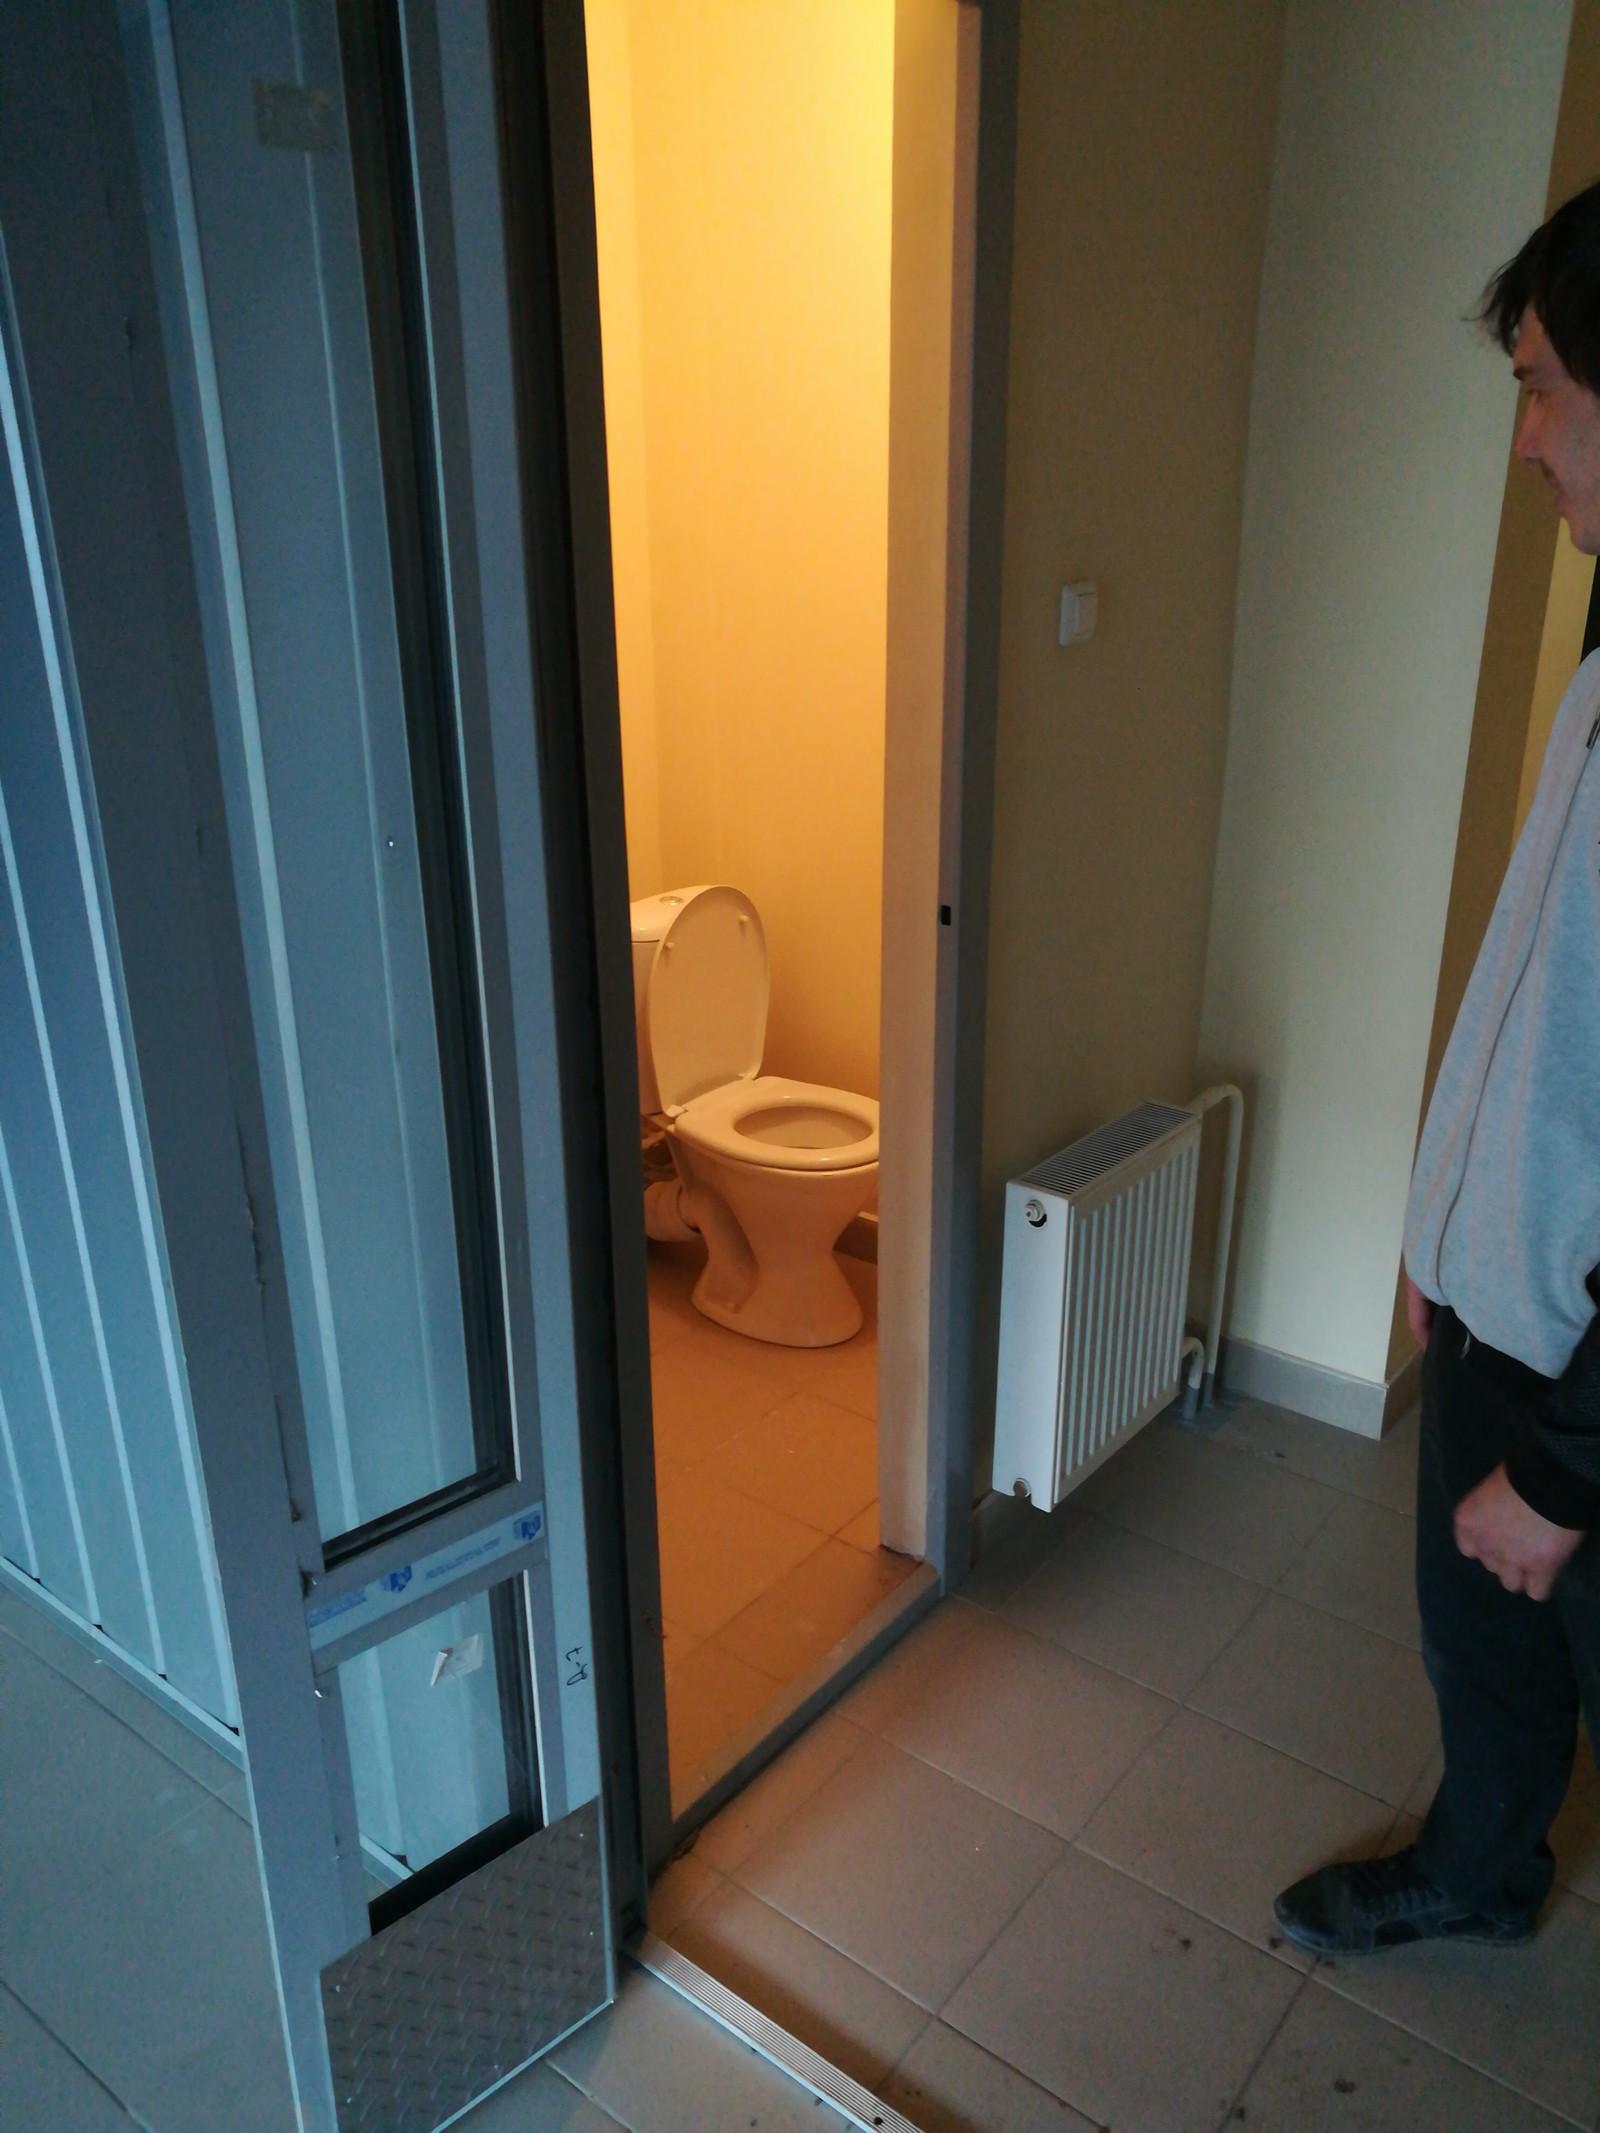 Кончил девочке в рот в туалете